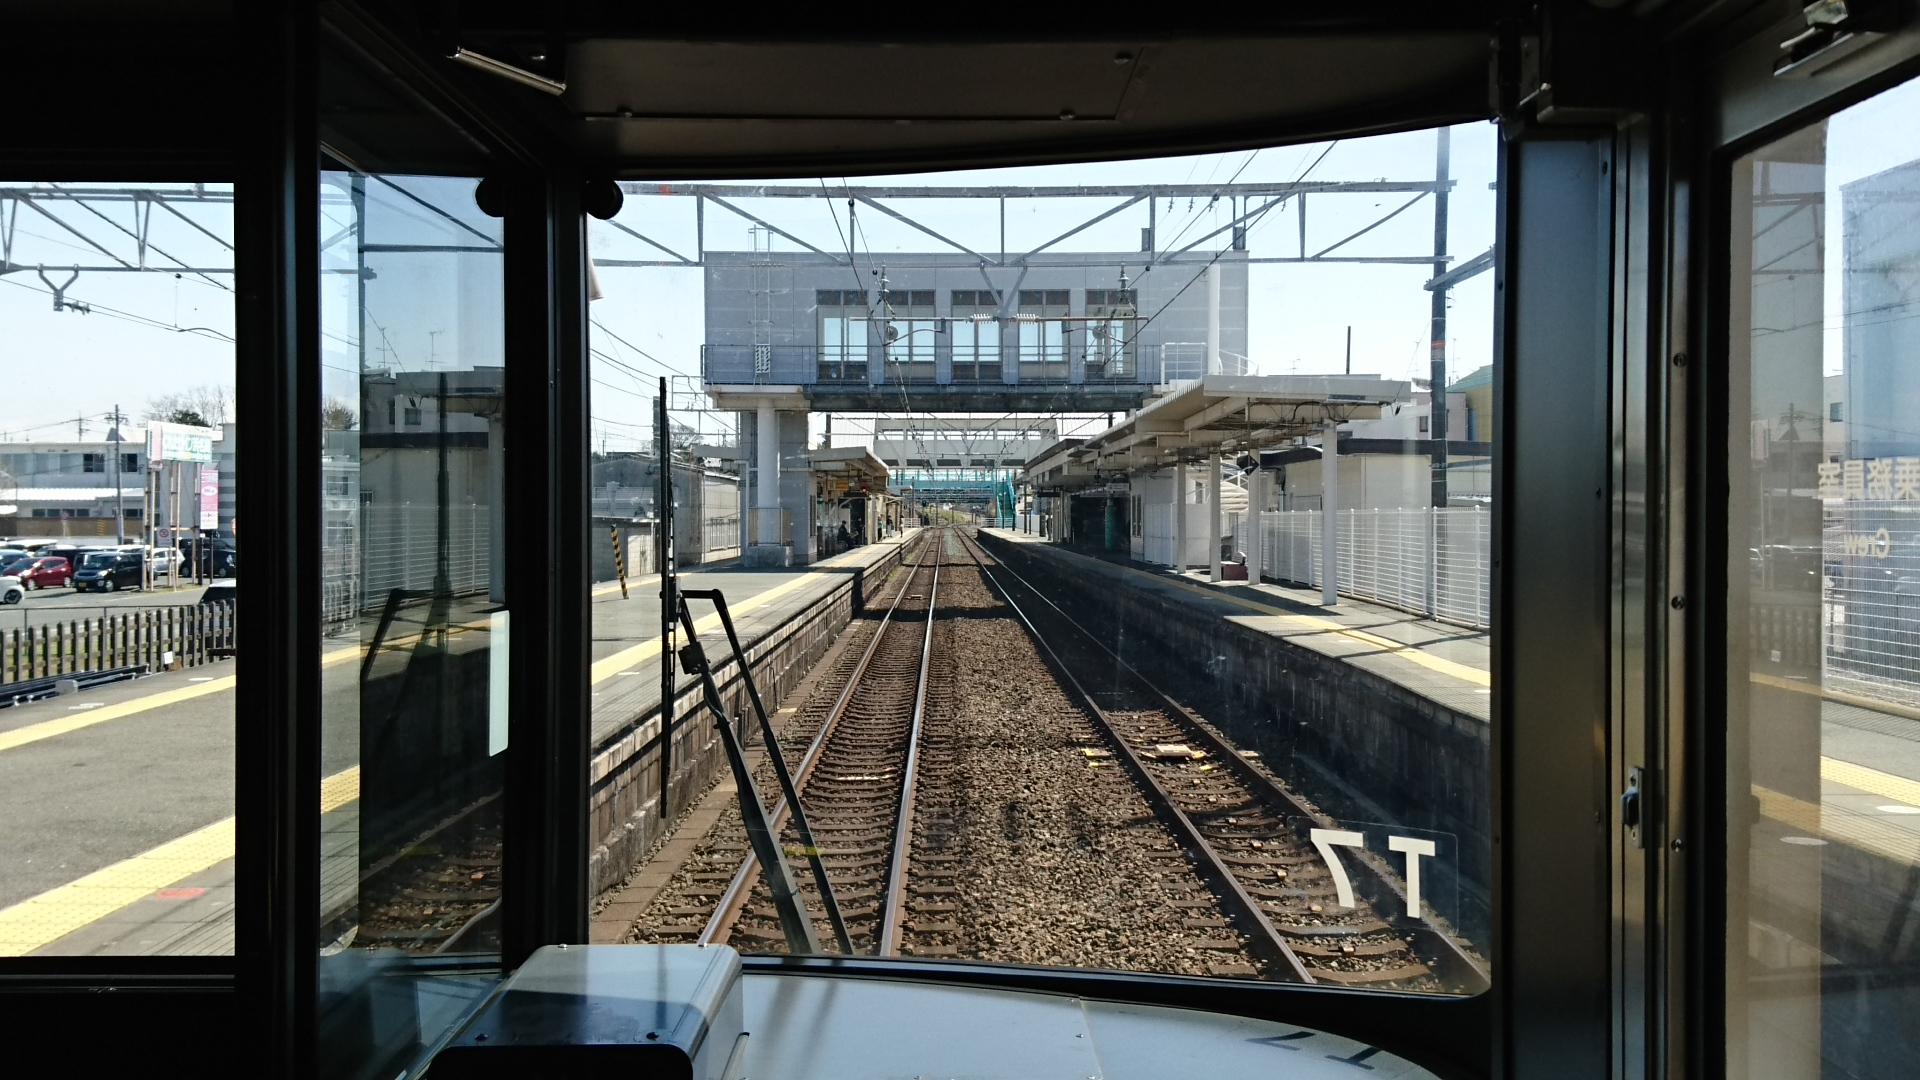 2018.3.23 東海道線 (42) 掛川いきふつう - 鷲津 1920-1080